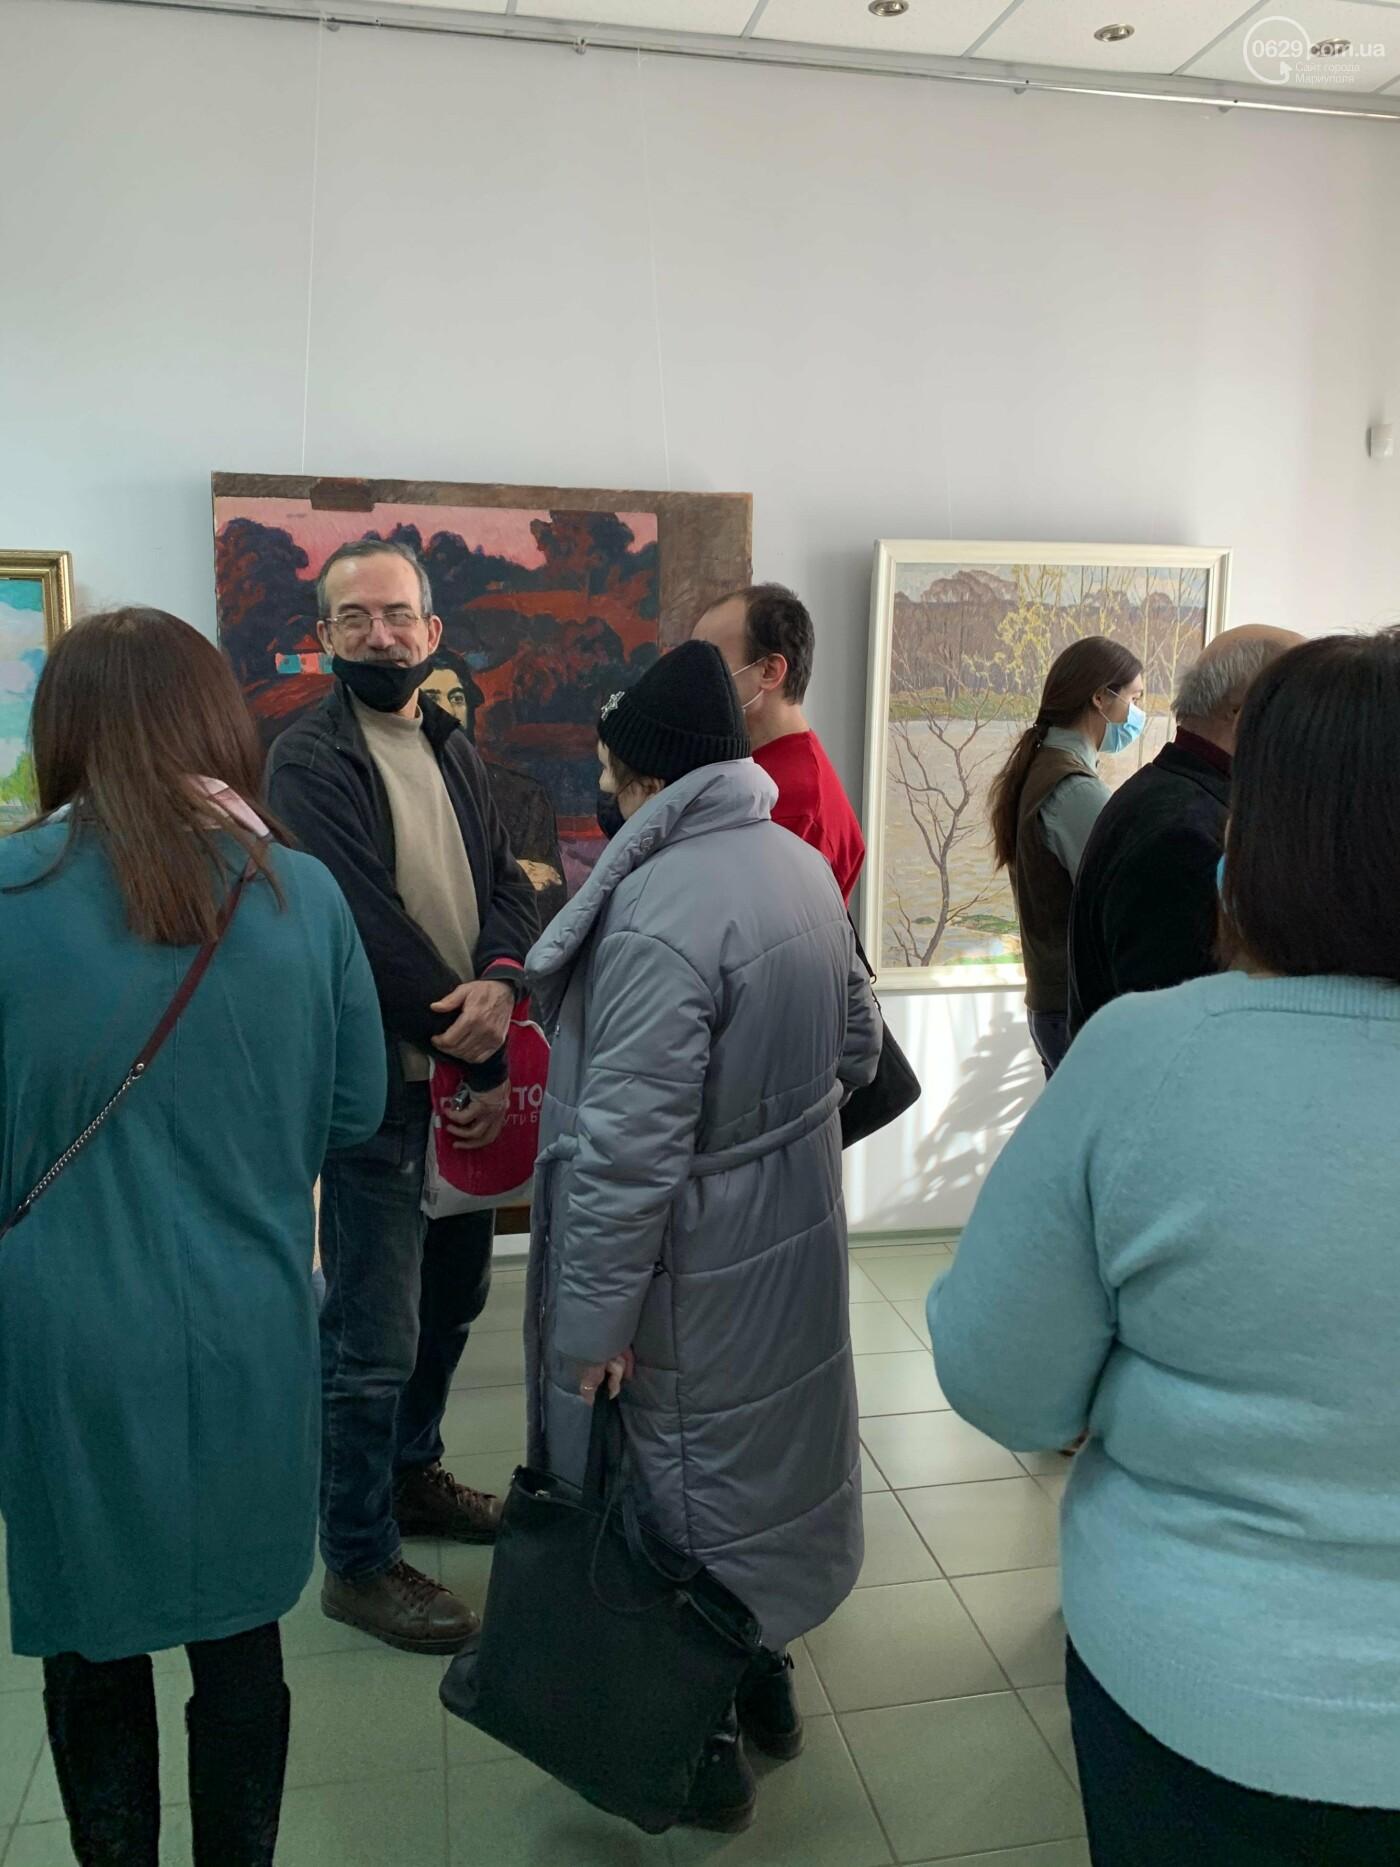 Гості з минулого. В Маріуполі відтворили виставку 1973 року, зібрав 60 шедеврів живопису - ФОТОРЕПОРТАЖ, фото-8